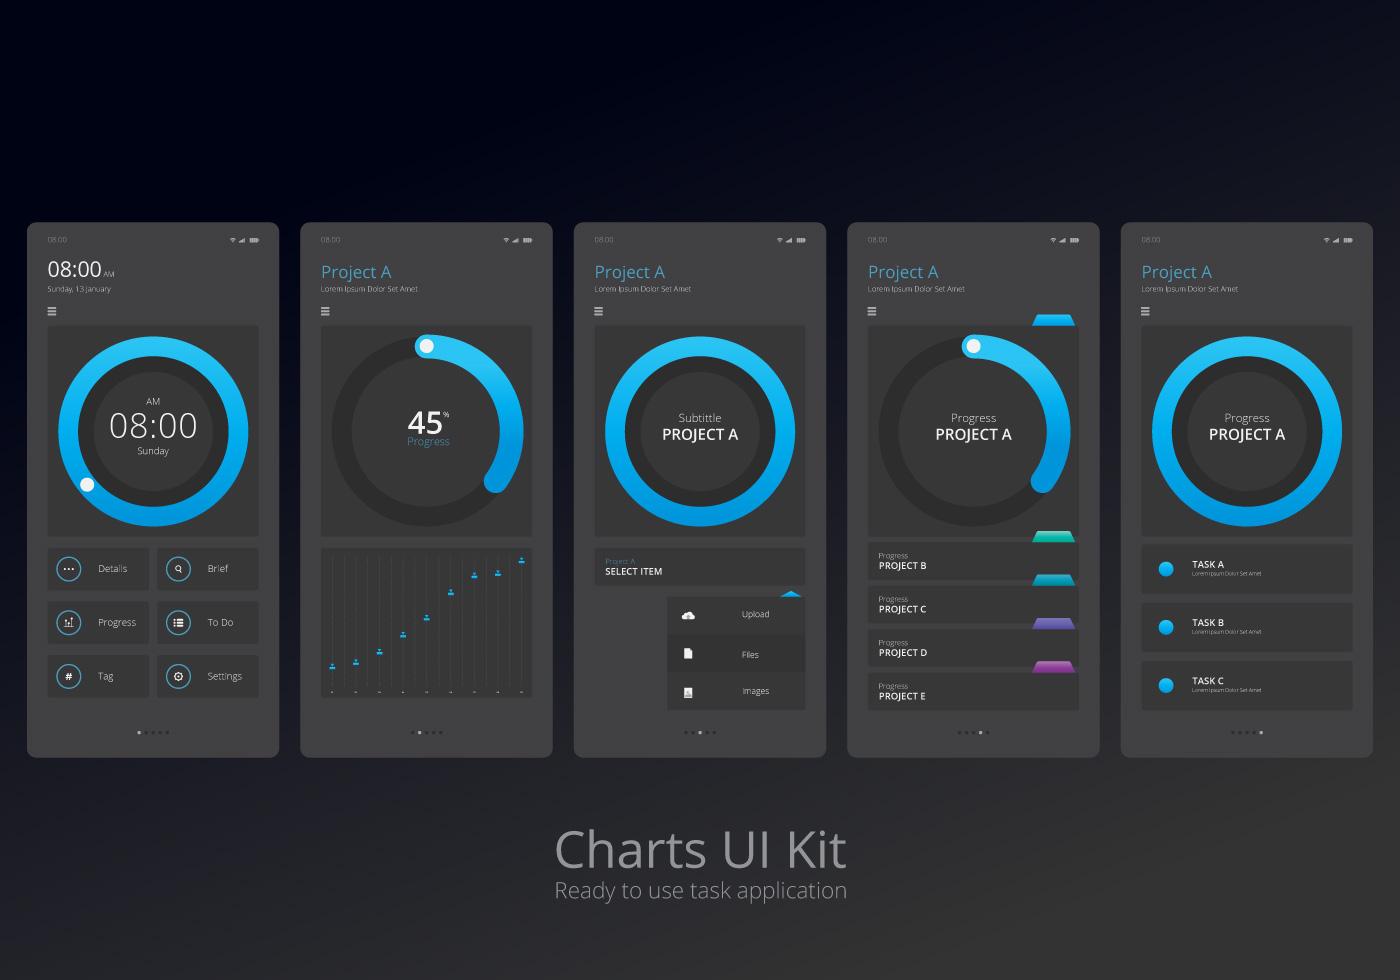 Charts Ui Kit Mobile Element Set